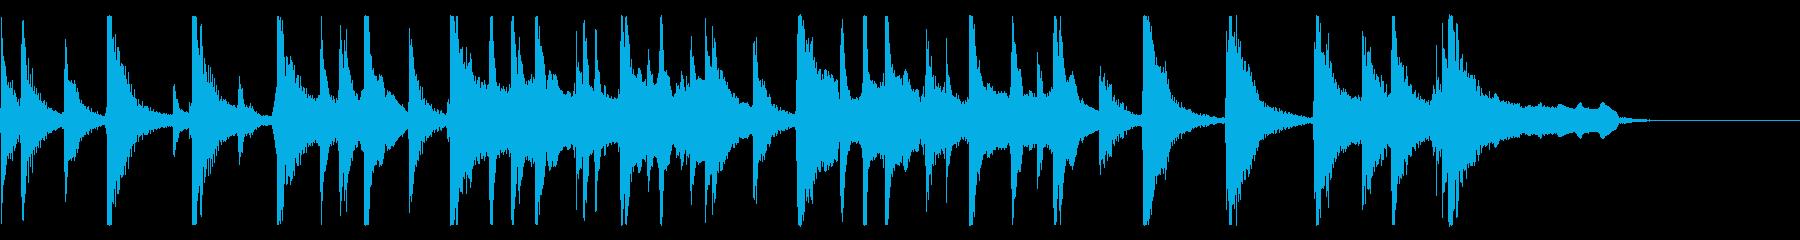 出囃子アレンジの「ほたるこい」の再生済みの波形